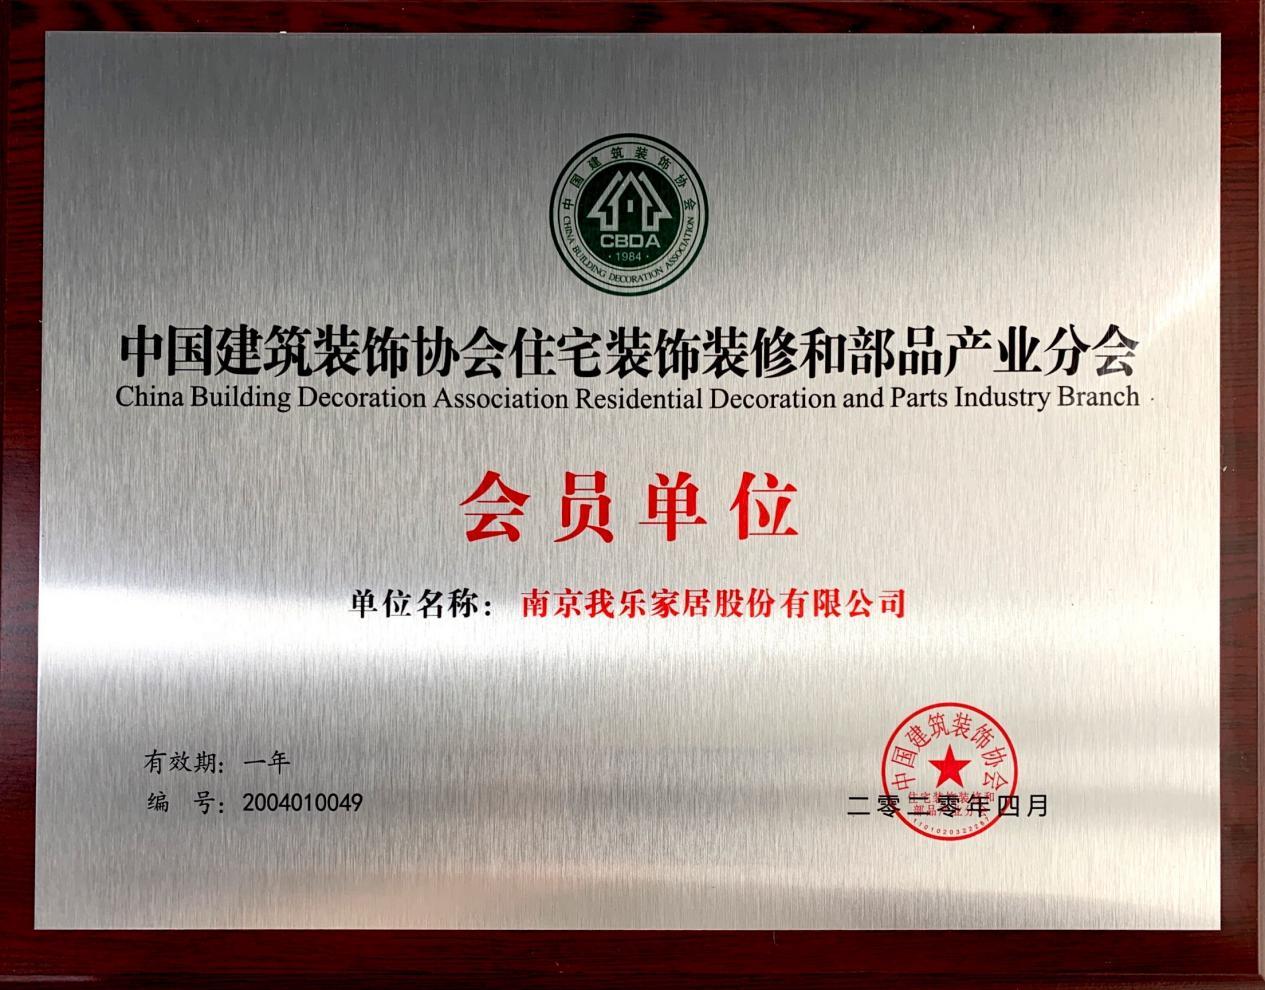 http://www.xiaoluxinxi.com/jiajijiafang/588251.html